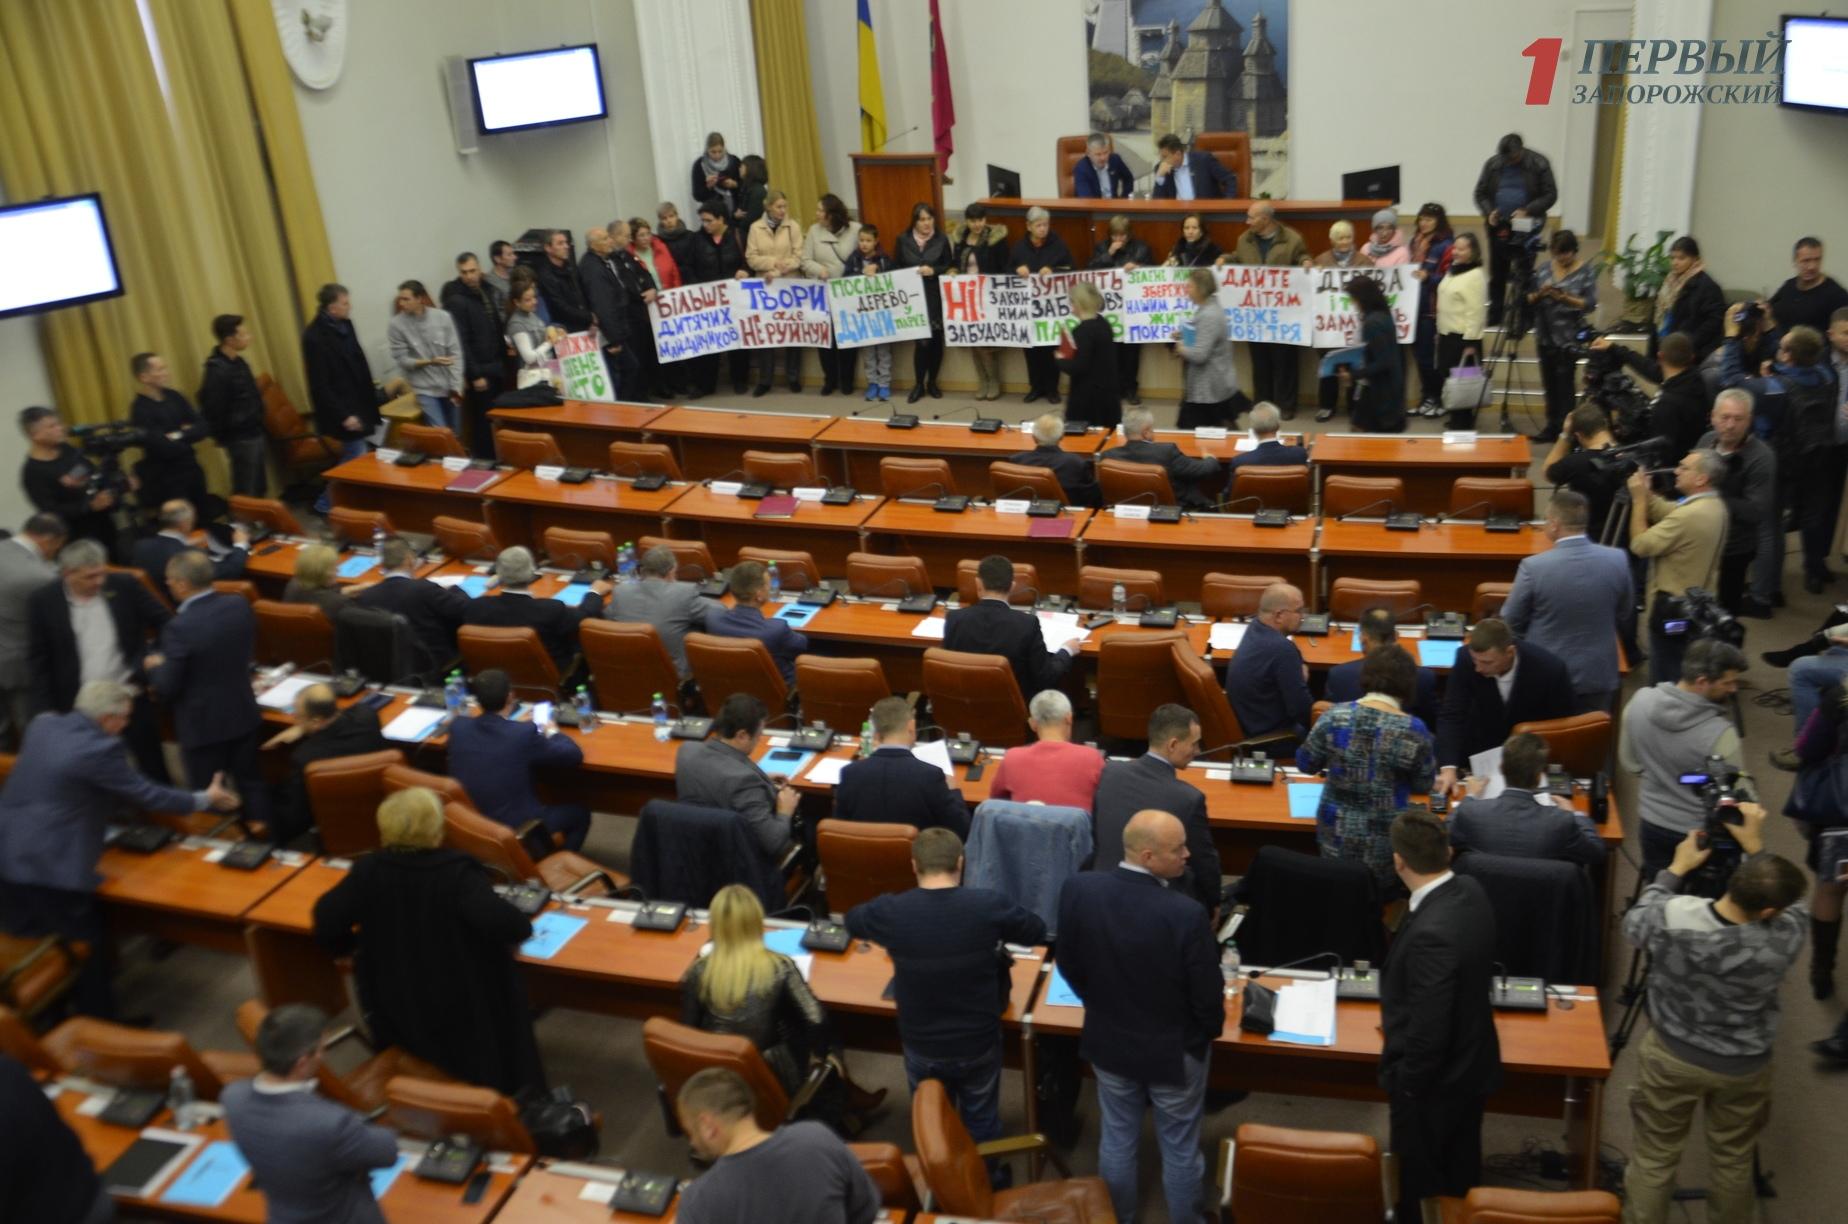 Финансирование ЖКХ, медицина и земельные вопросы: что рассмотрят депутаты на ближайшей сессии горсовета